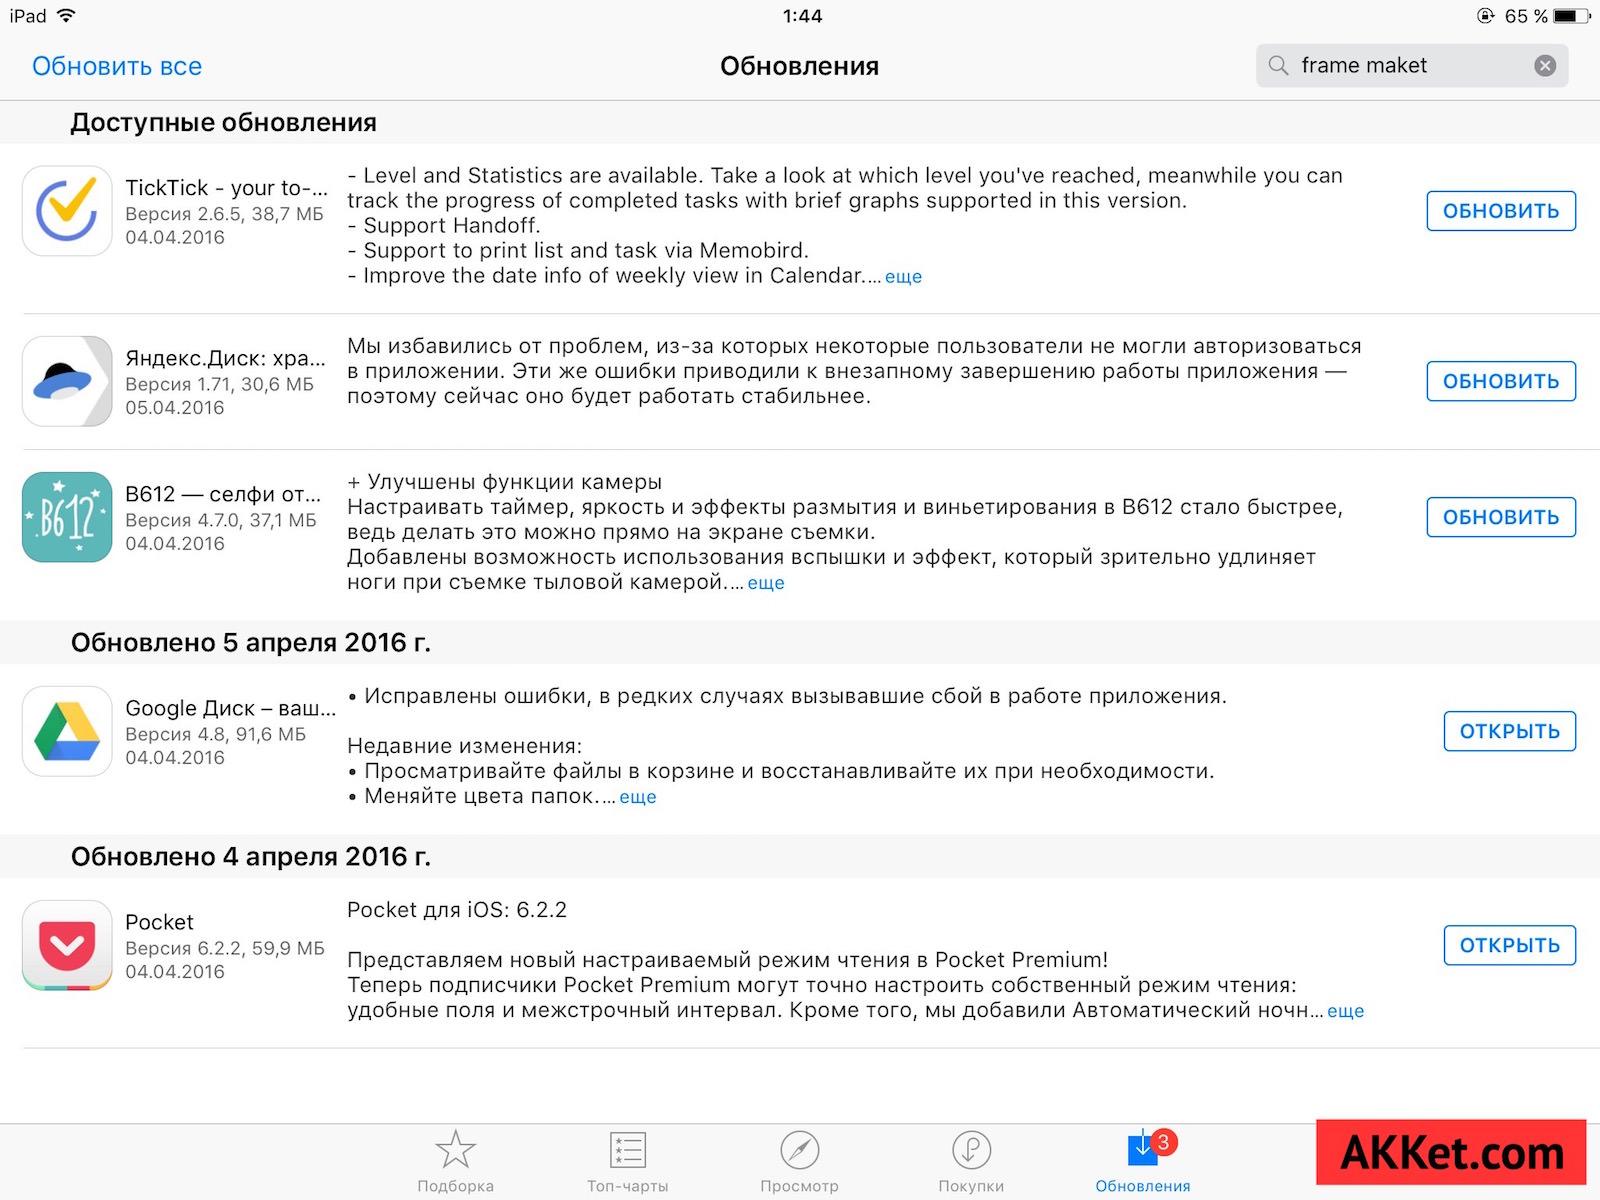 Автоматическое обновление App Store 2